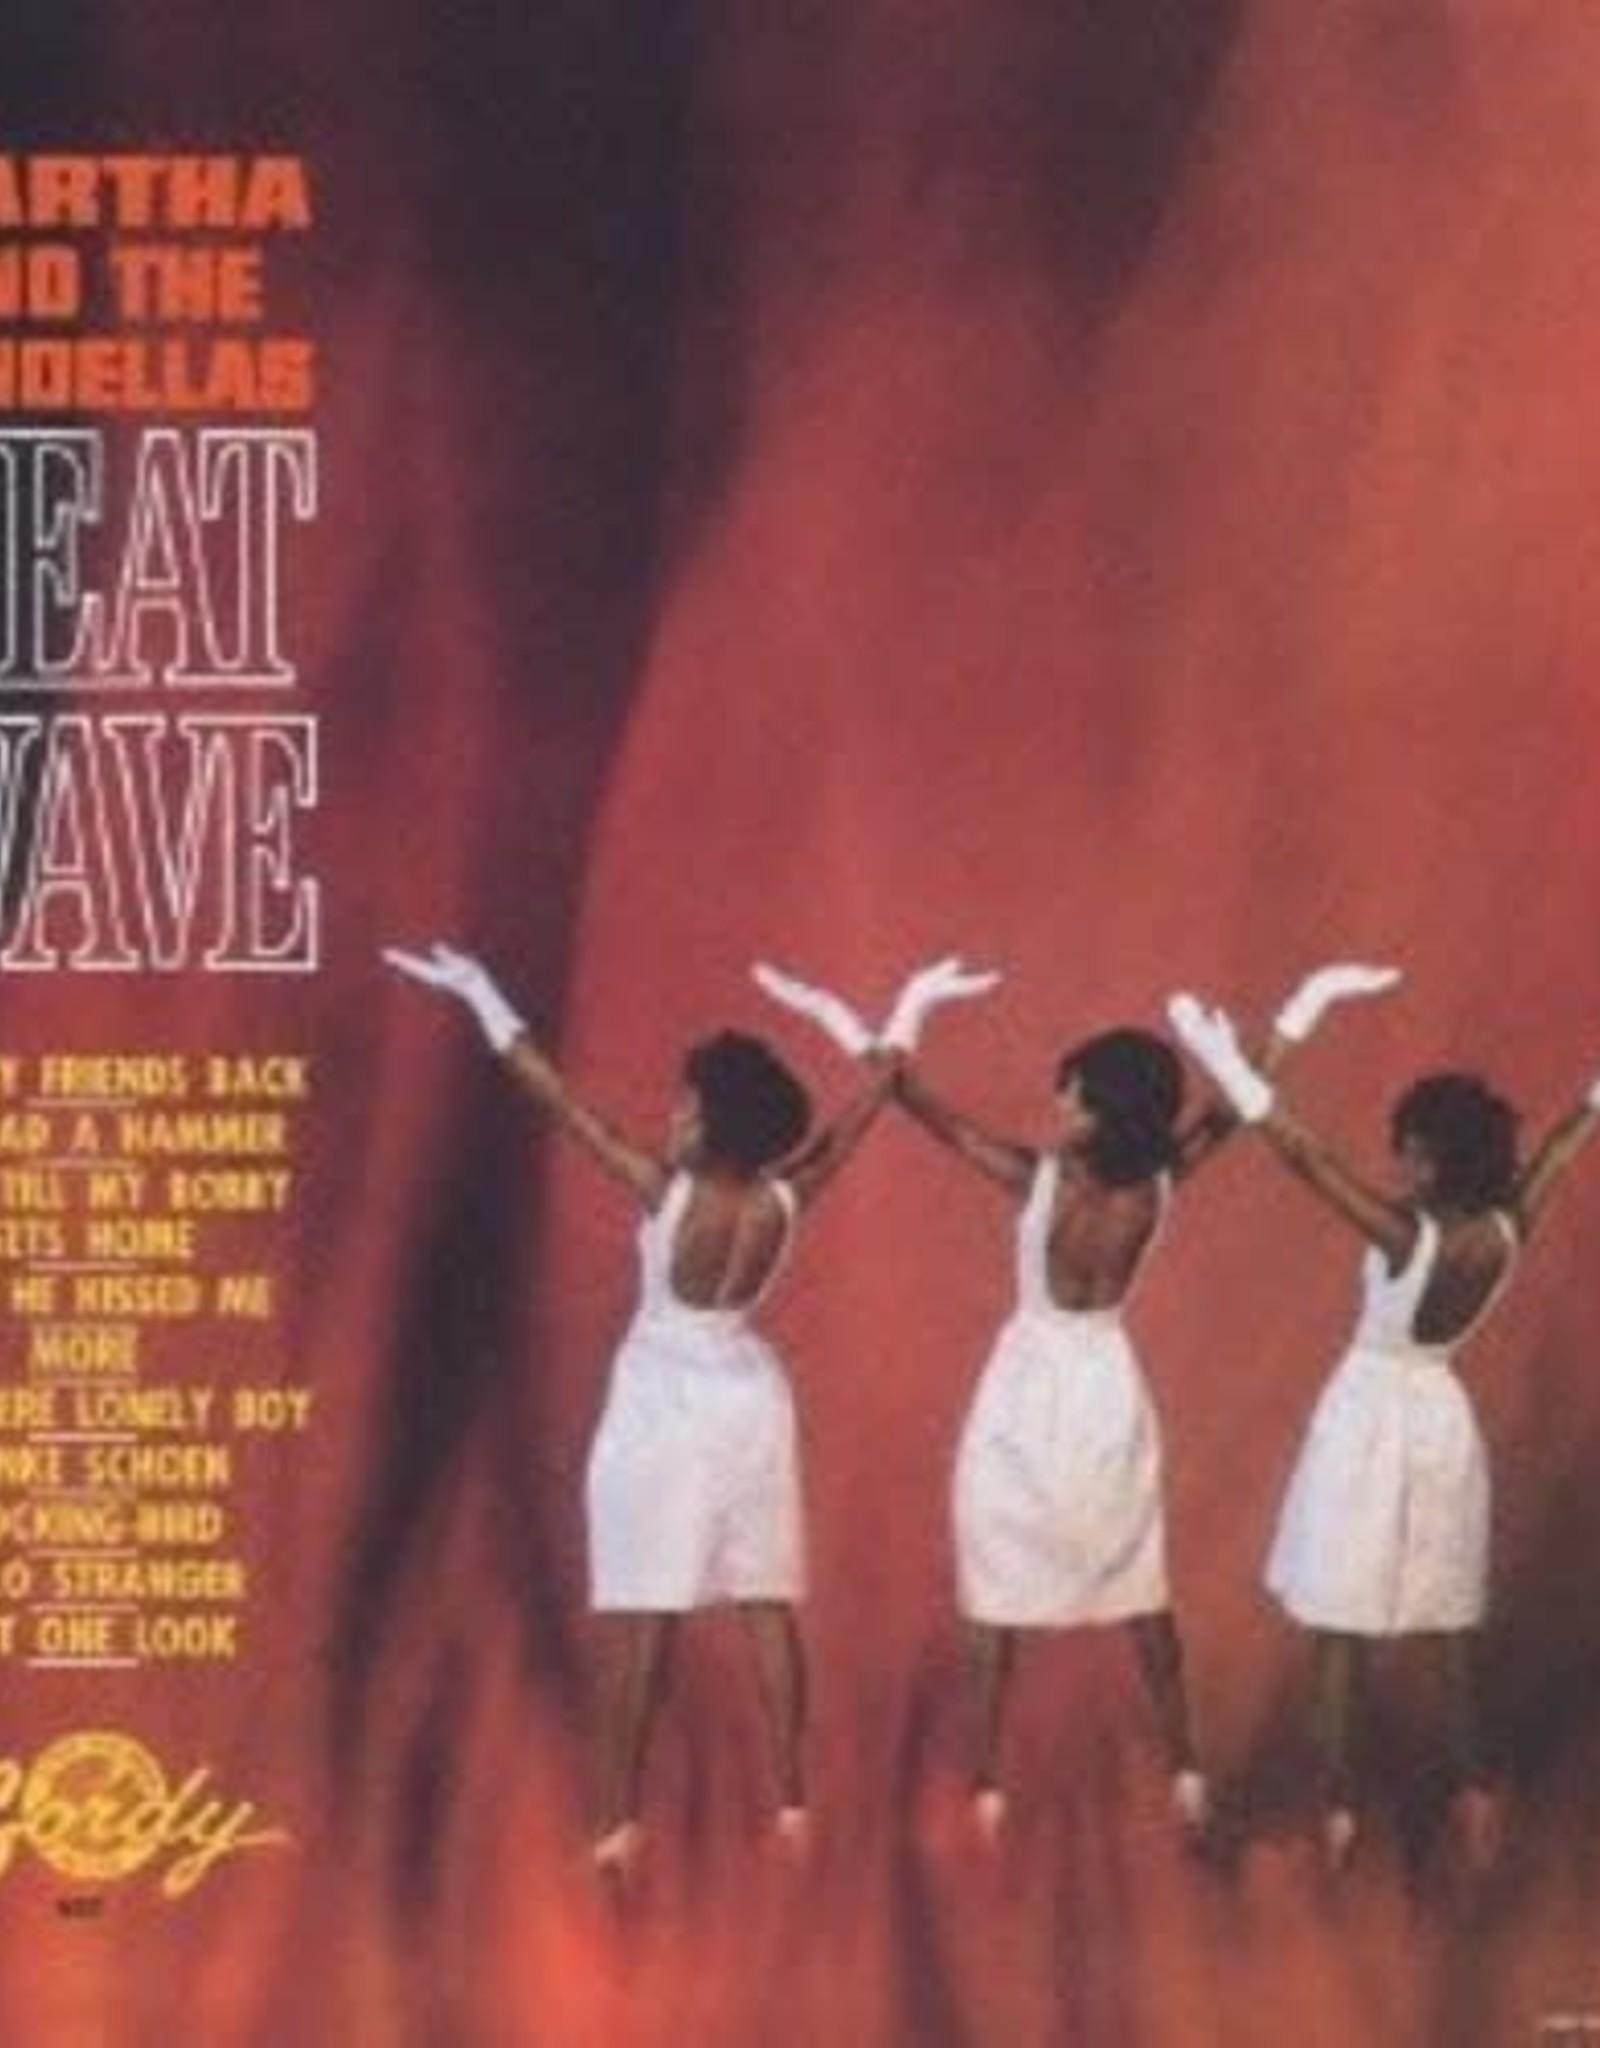 Martha and the Vandellas - Heatwave